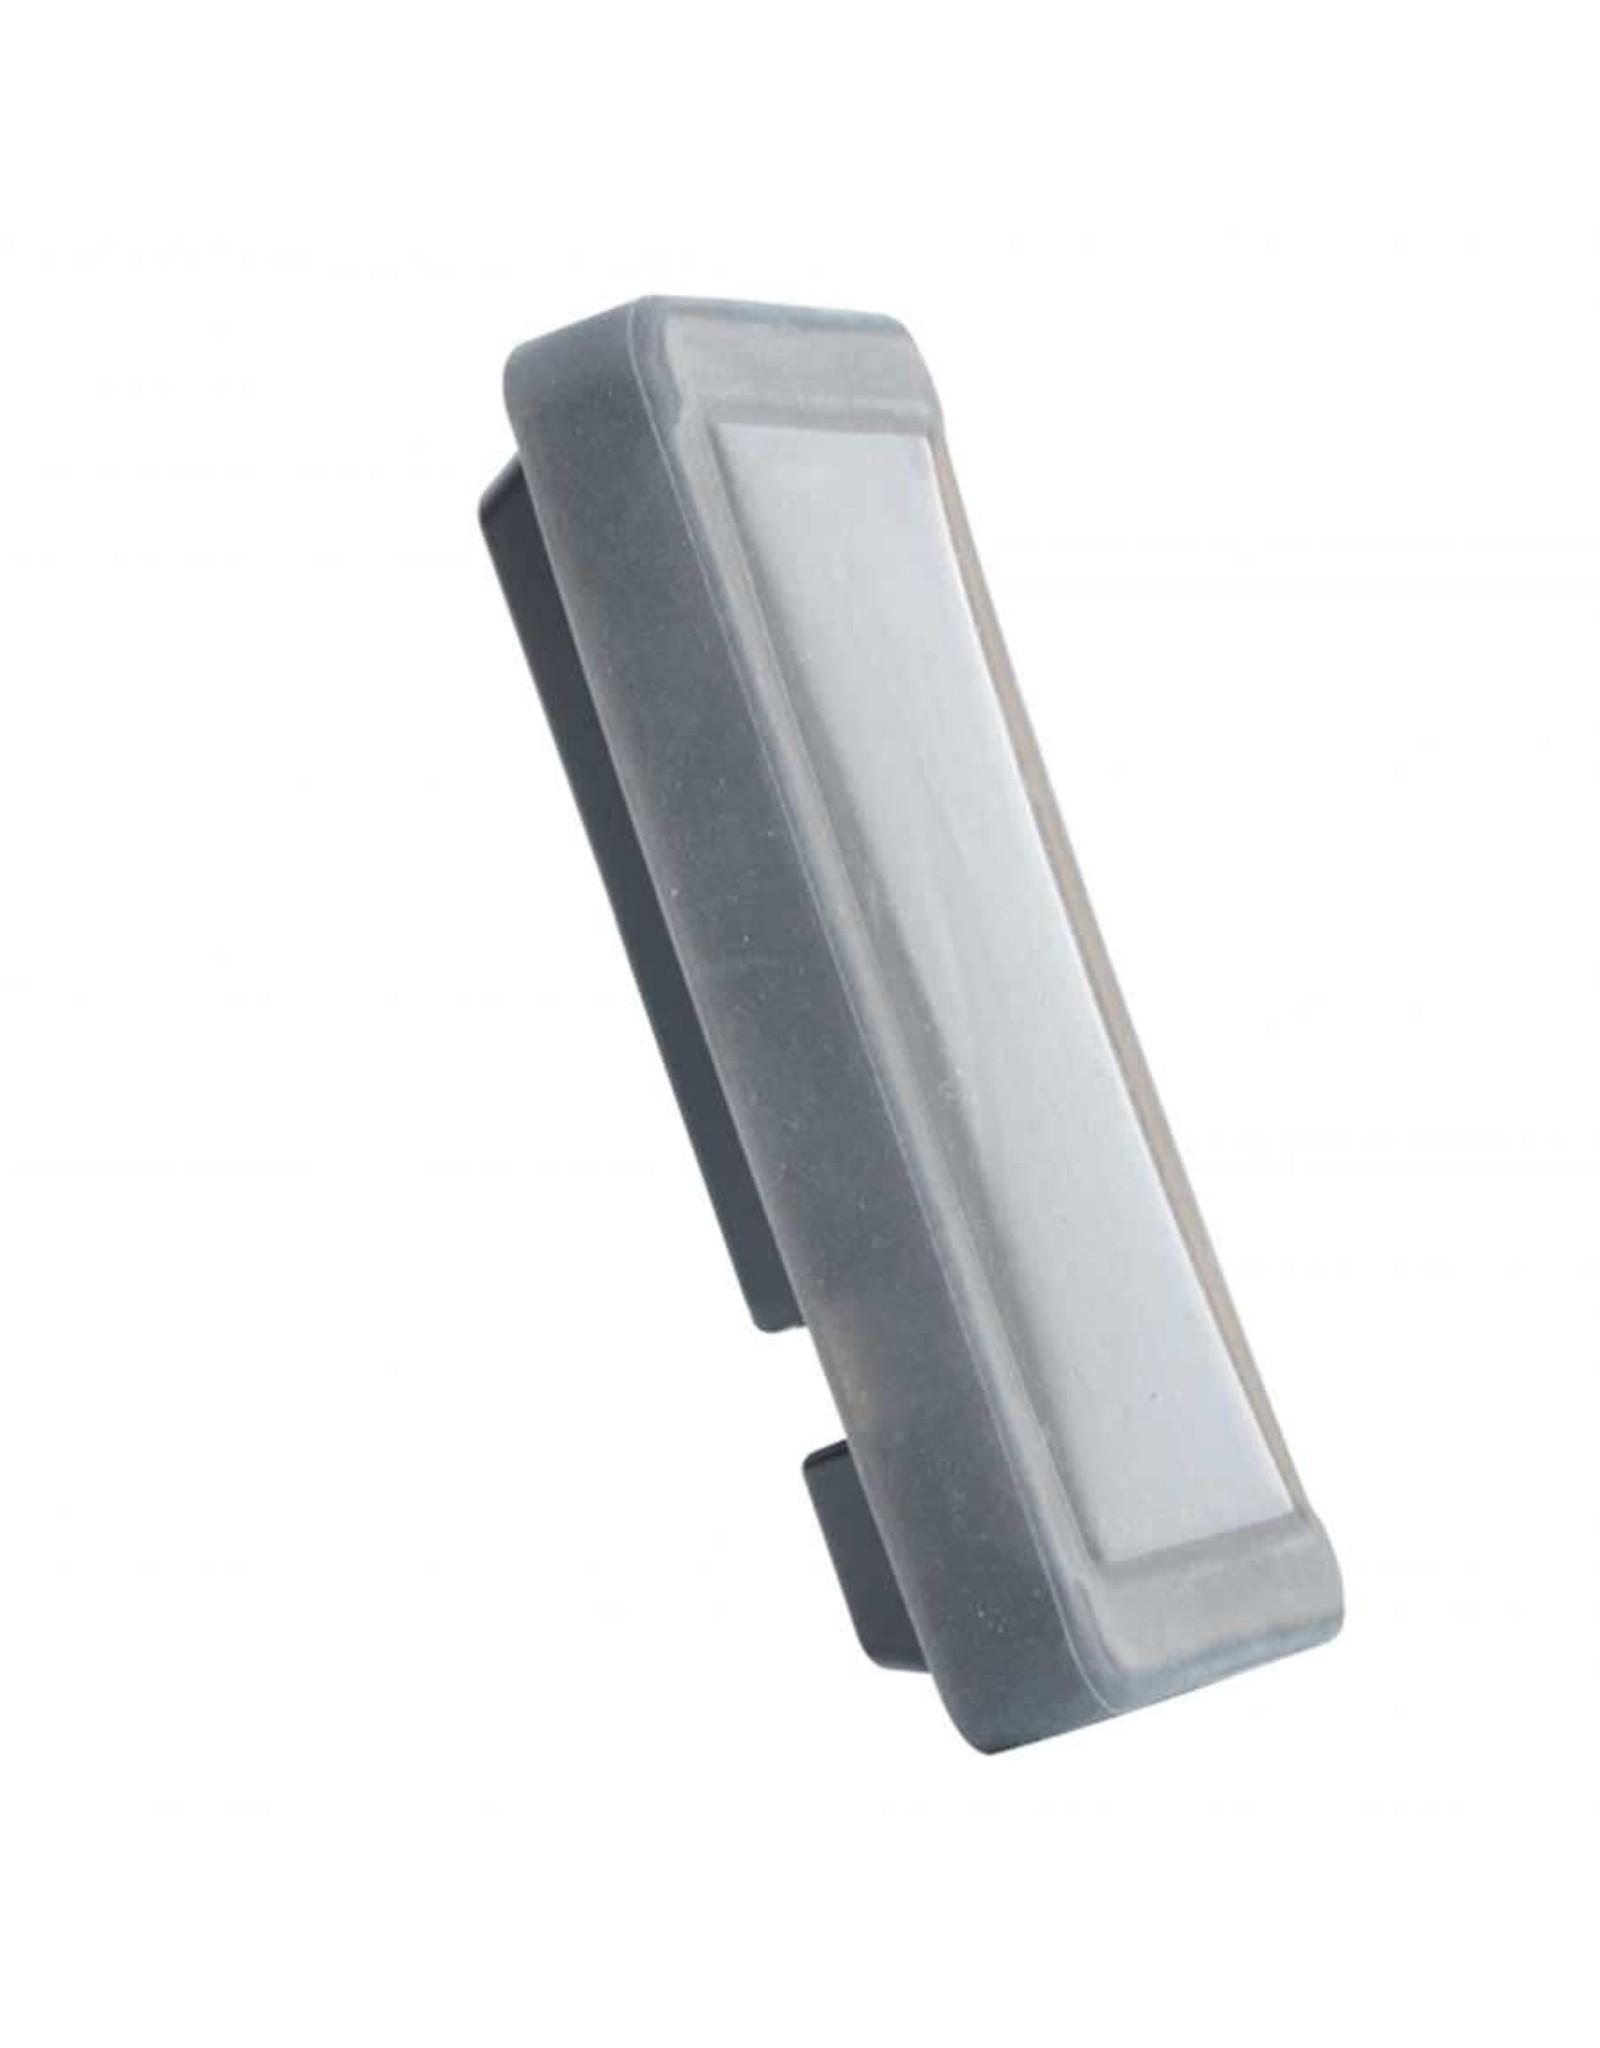 Zefal Zéfal Z Universal Console holster